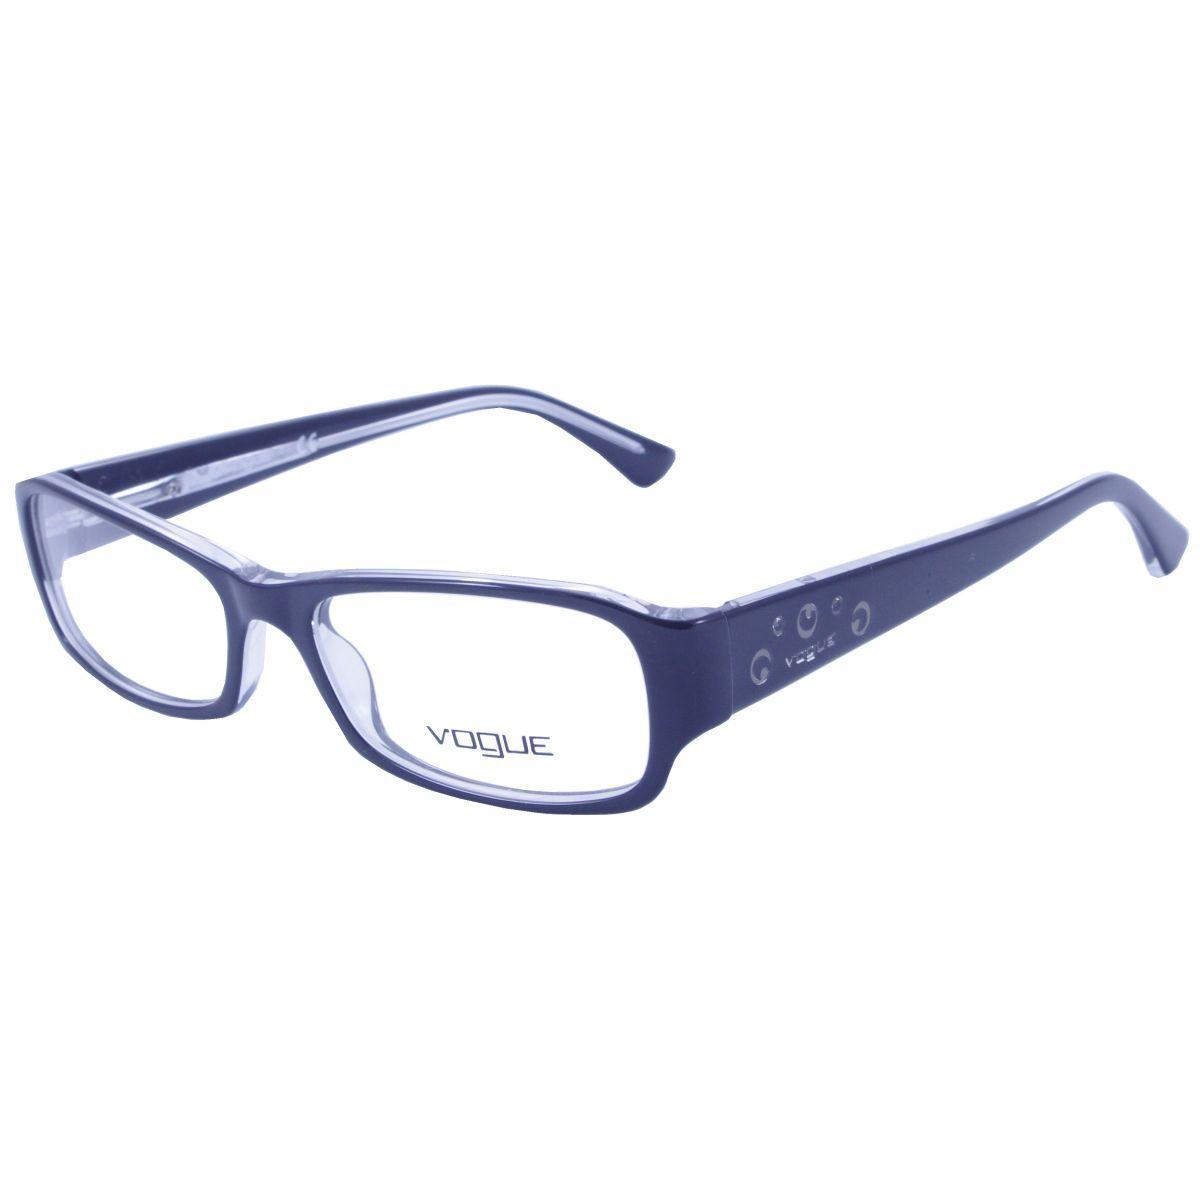 Oculos De Grau Feminino Vogue Vo2758 827 Tam 52 Oculos De Grau